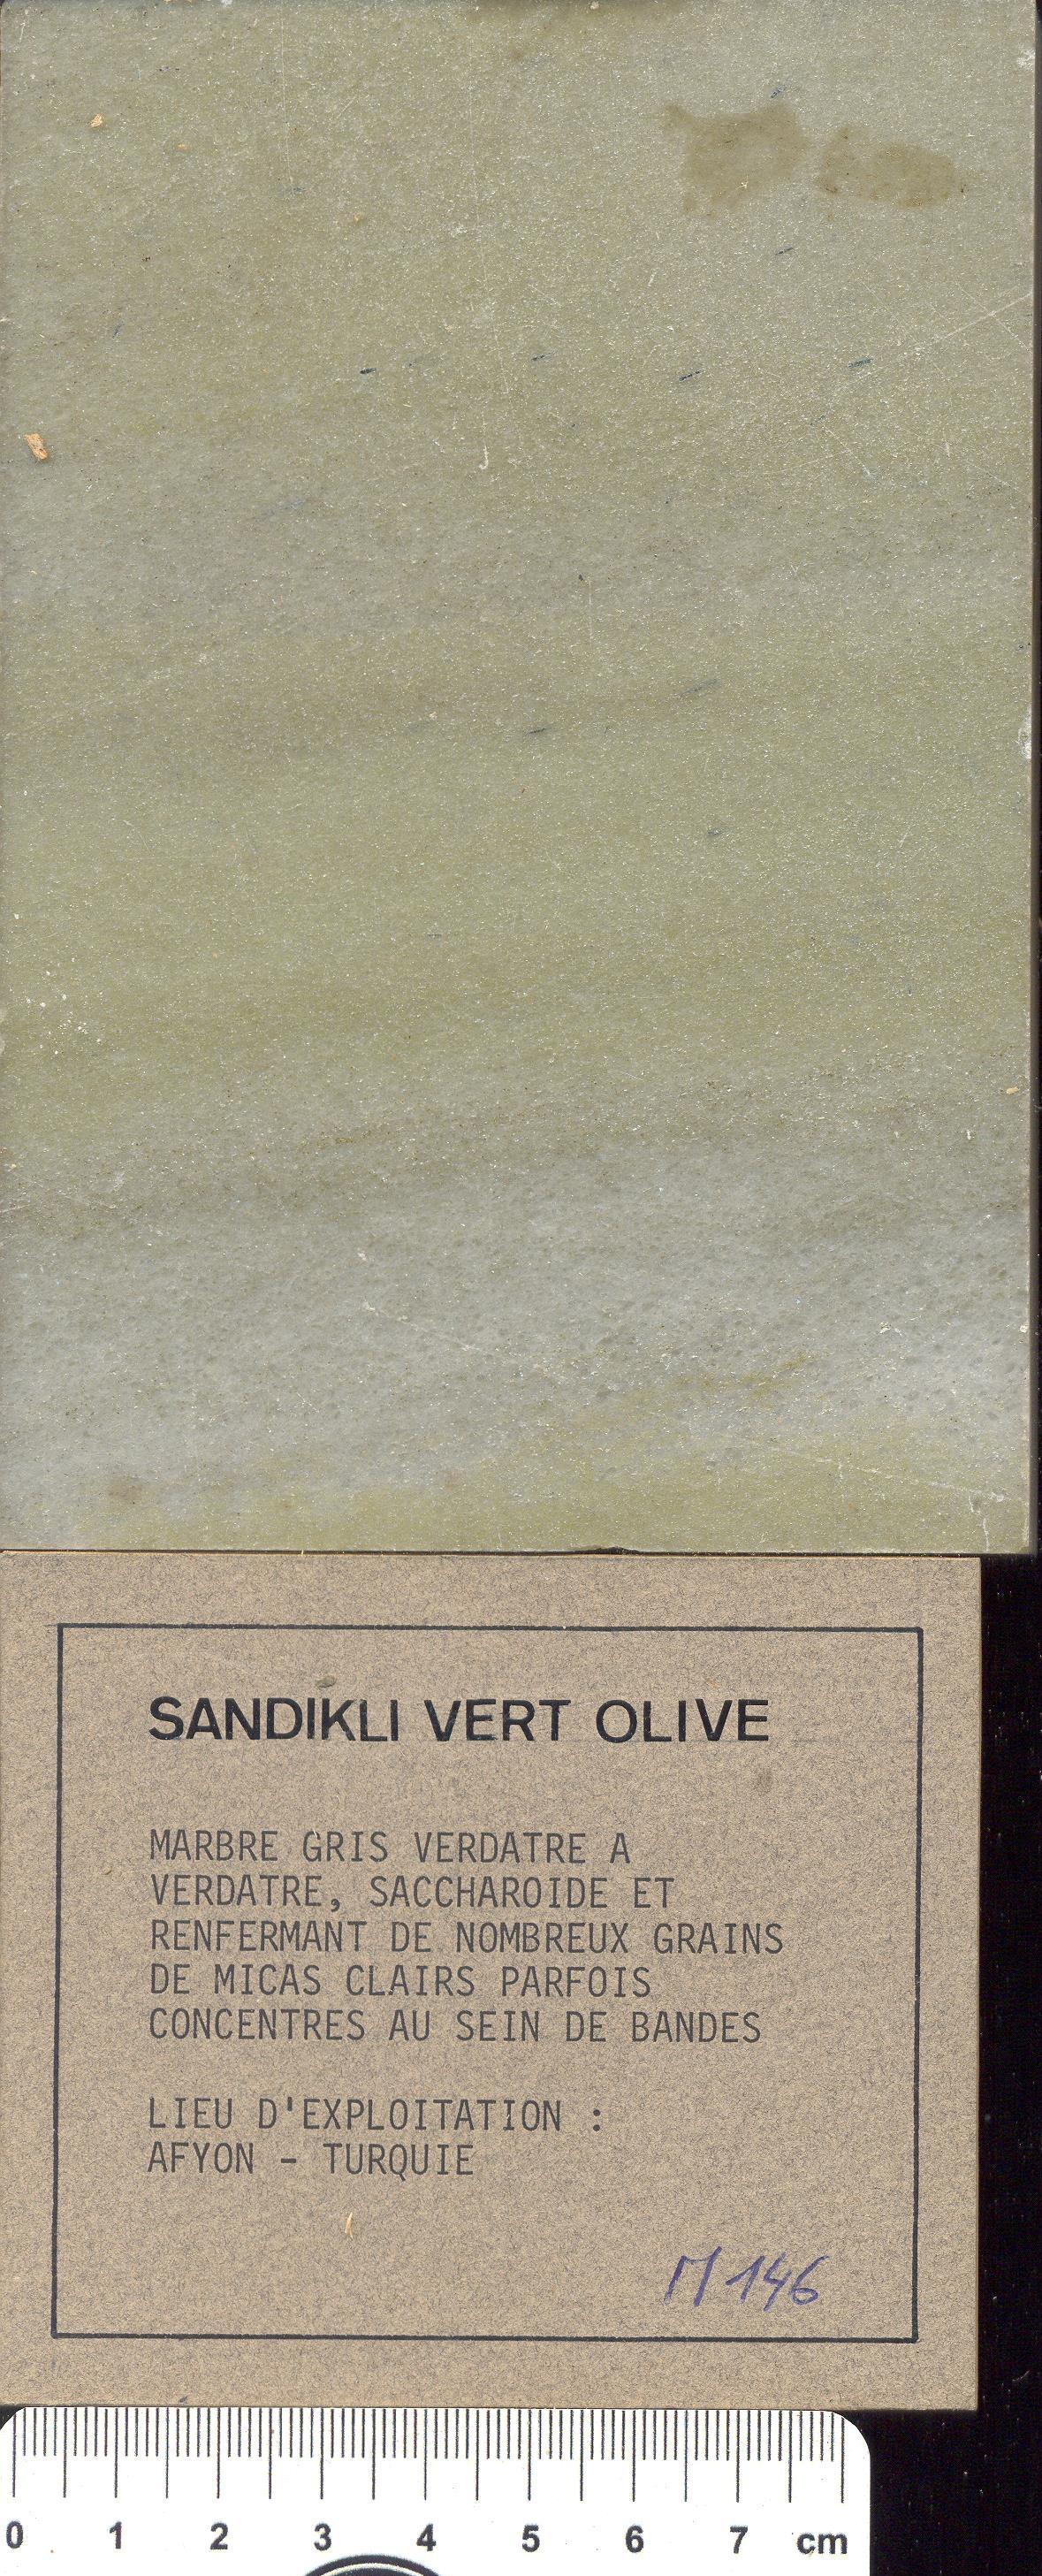 Sandikli Vert Olive M146